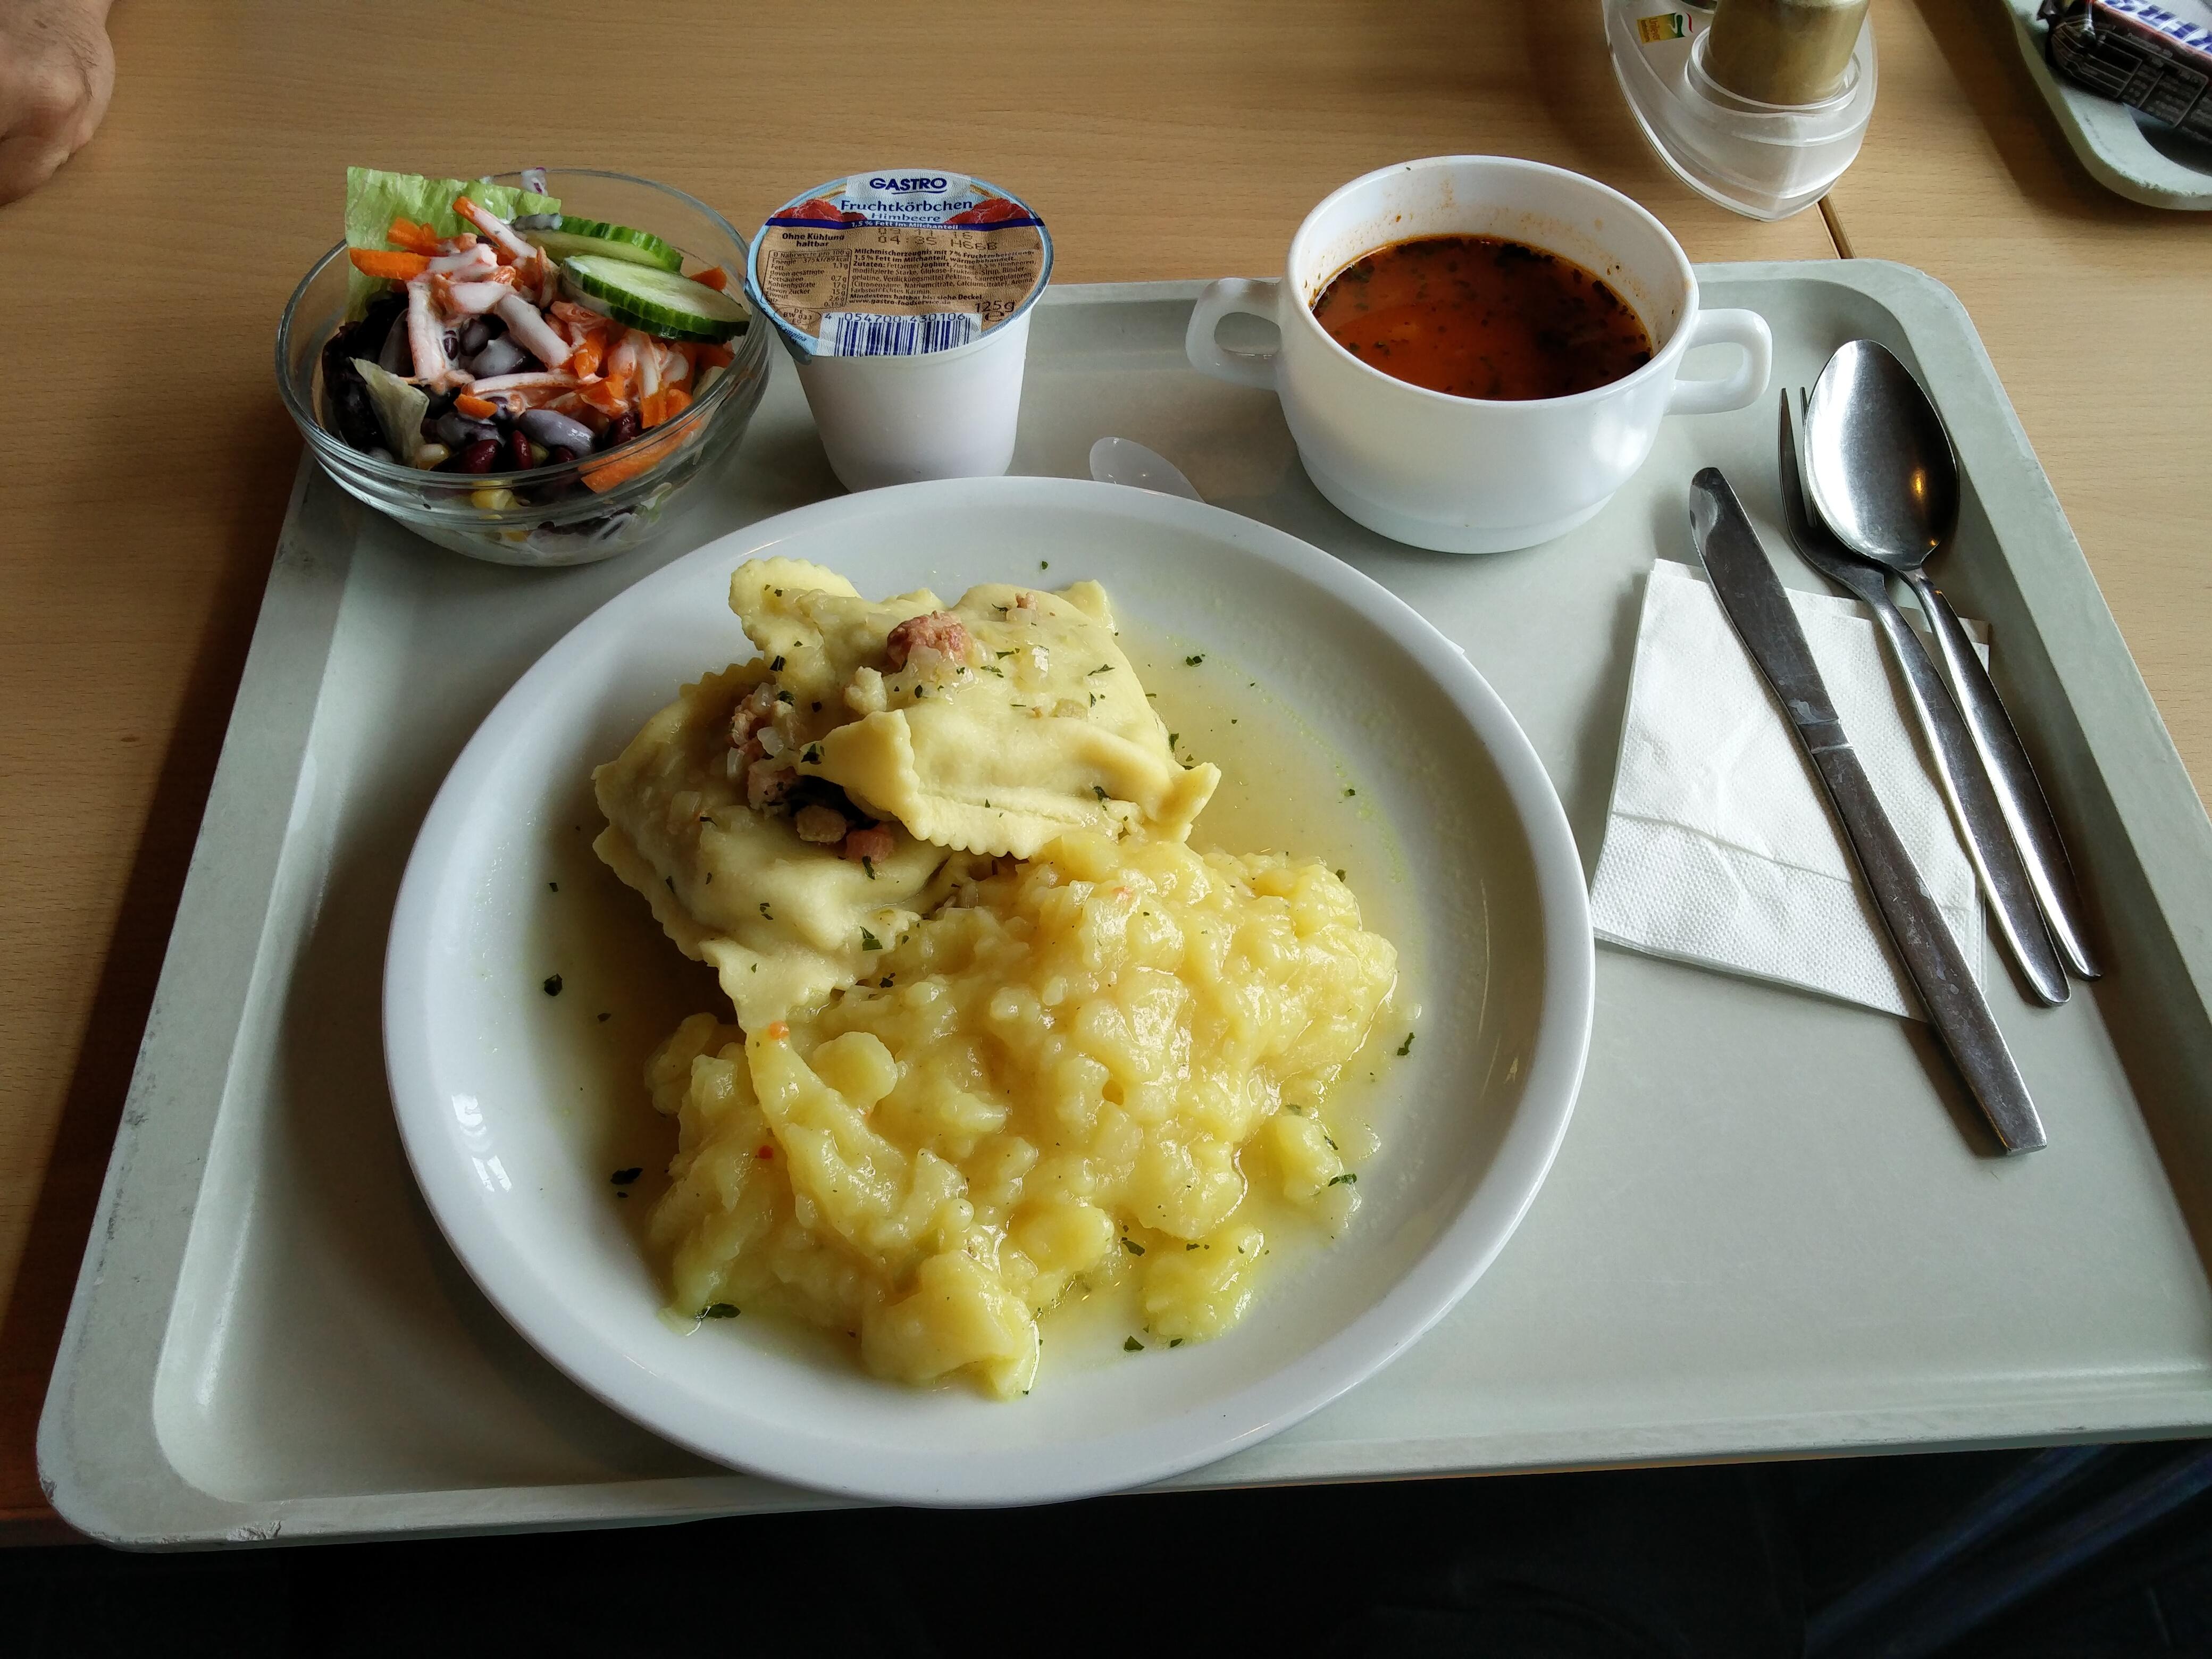 https://foodloader.net/nico_2016-10-04_maultaschen-mit-kartoffelsalat-suppe-salat-und-joghurt.jpg